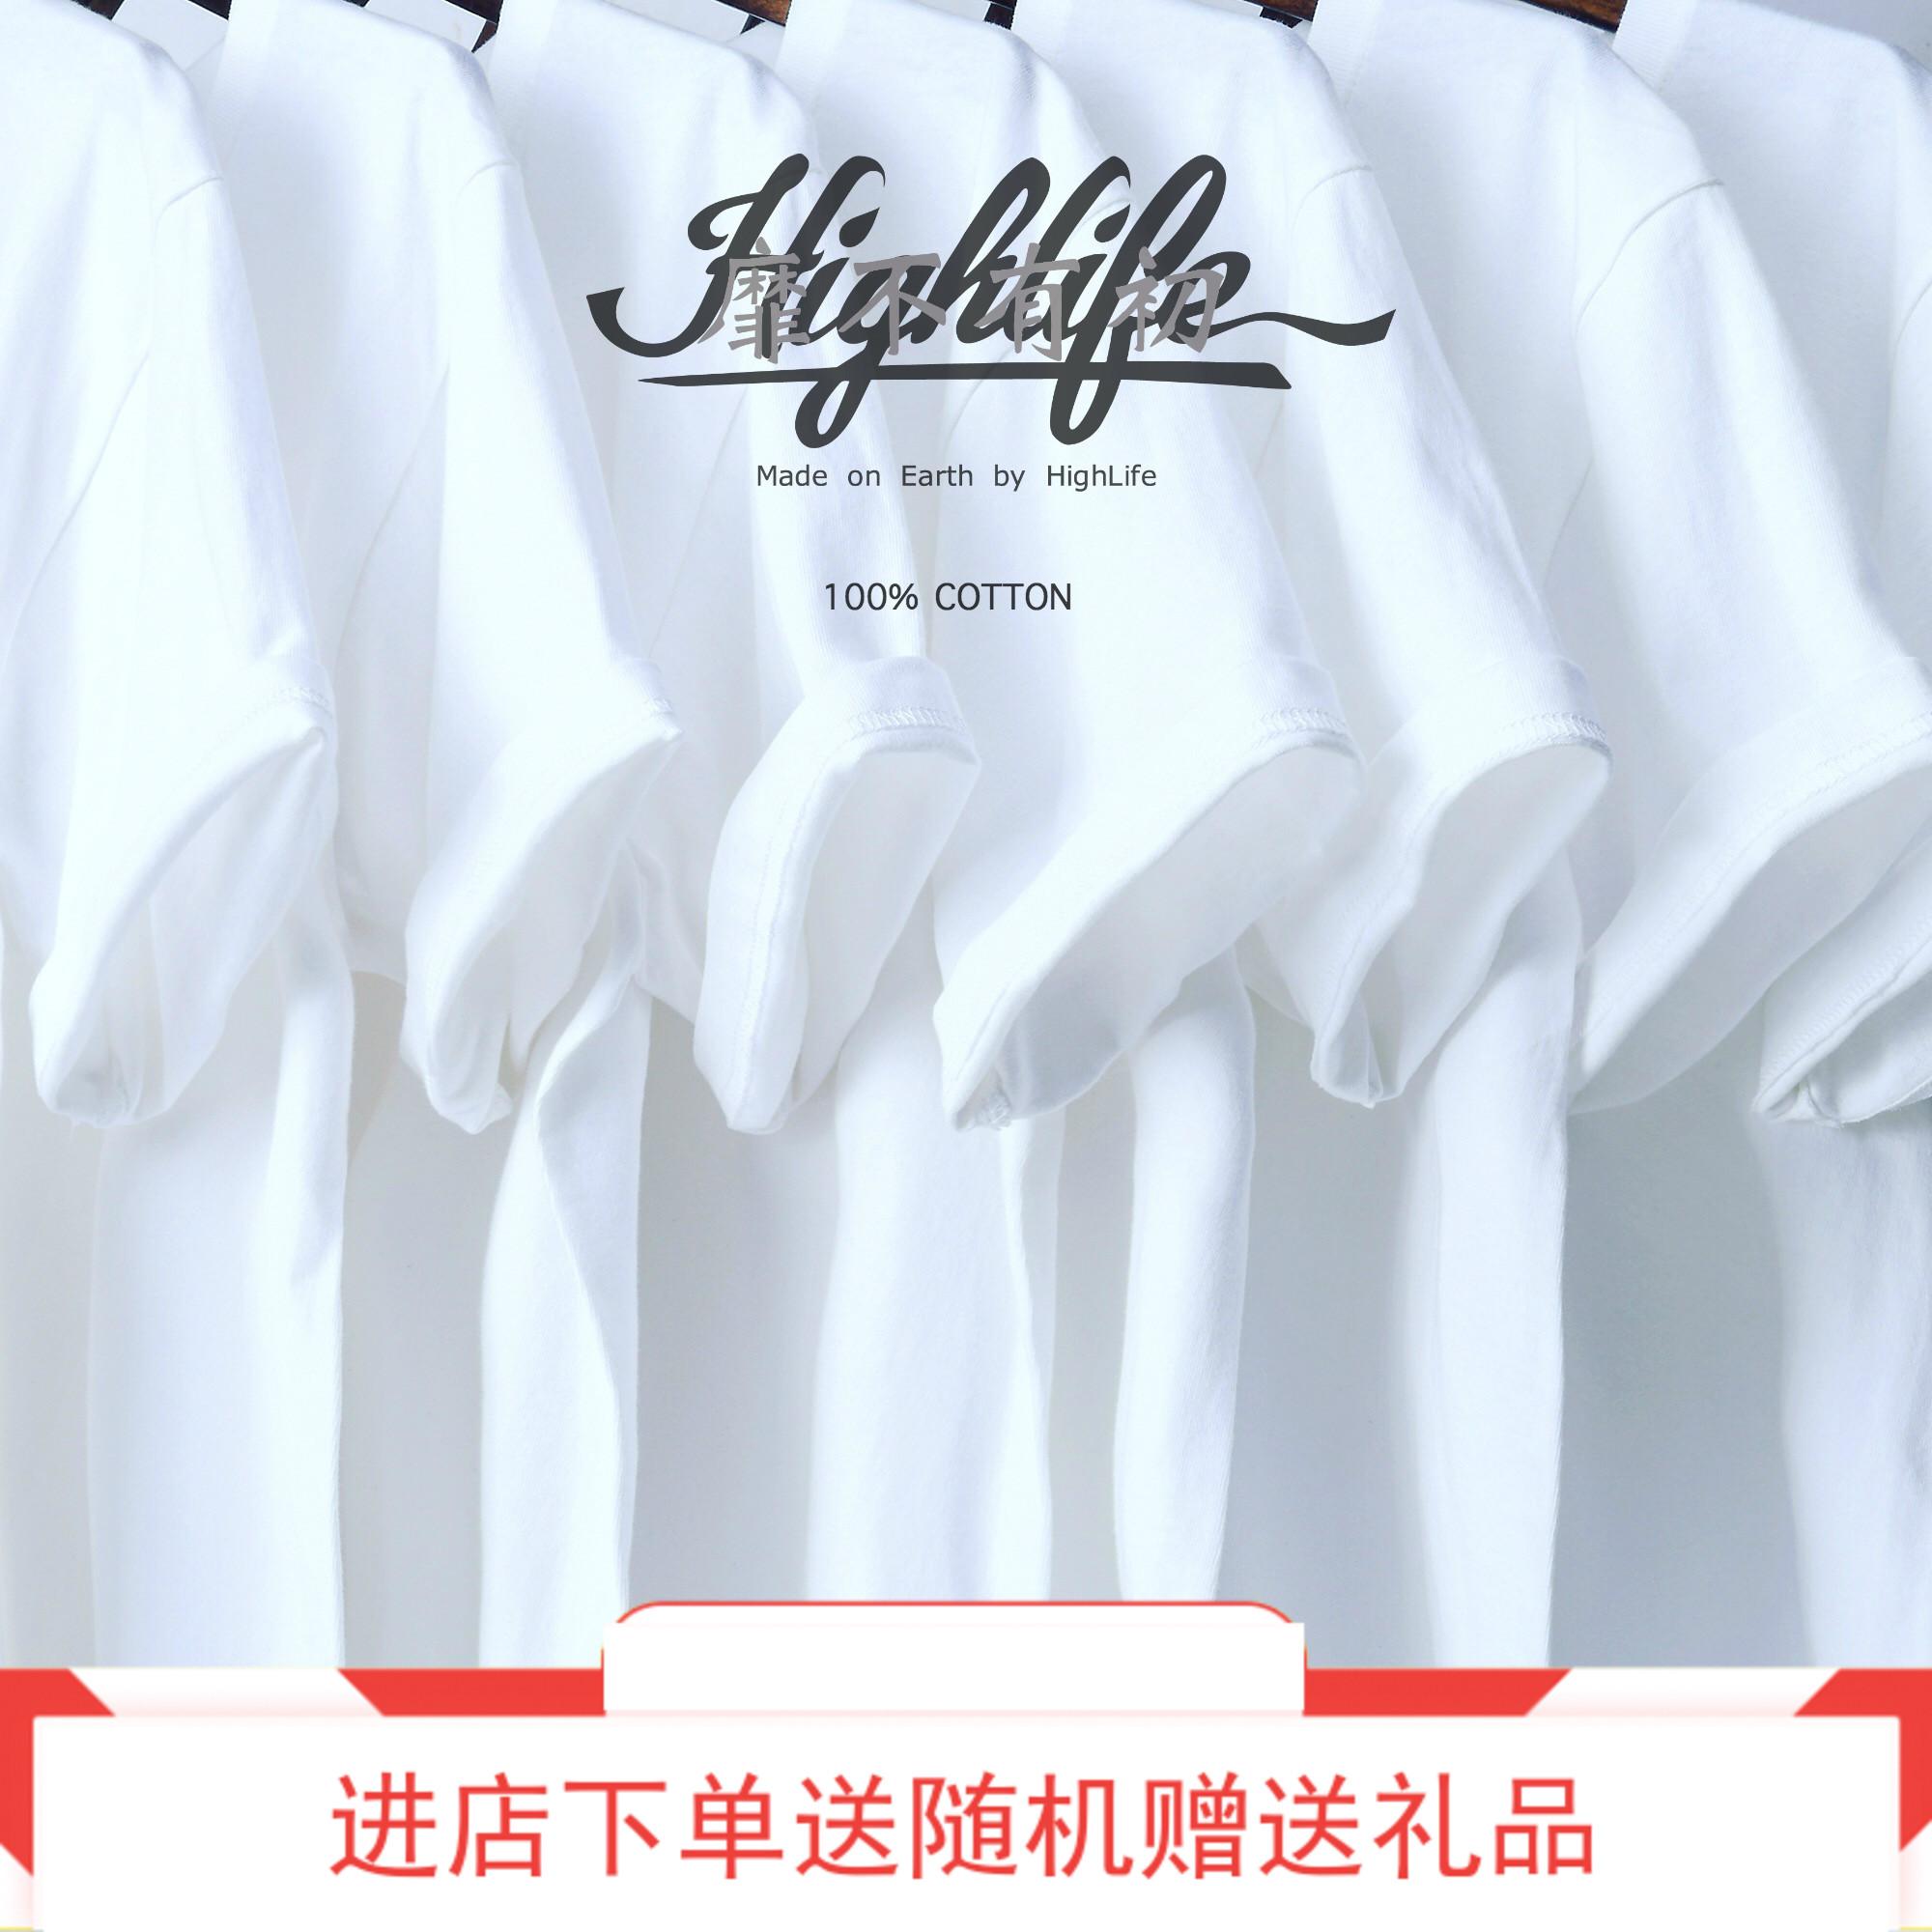 新款纯色黑白灰纯棉圆领短袖T恤男女情侣打底不透厚日系百搭休闲